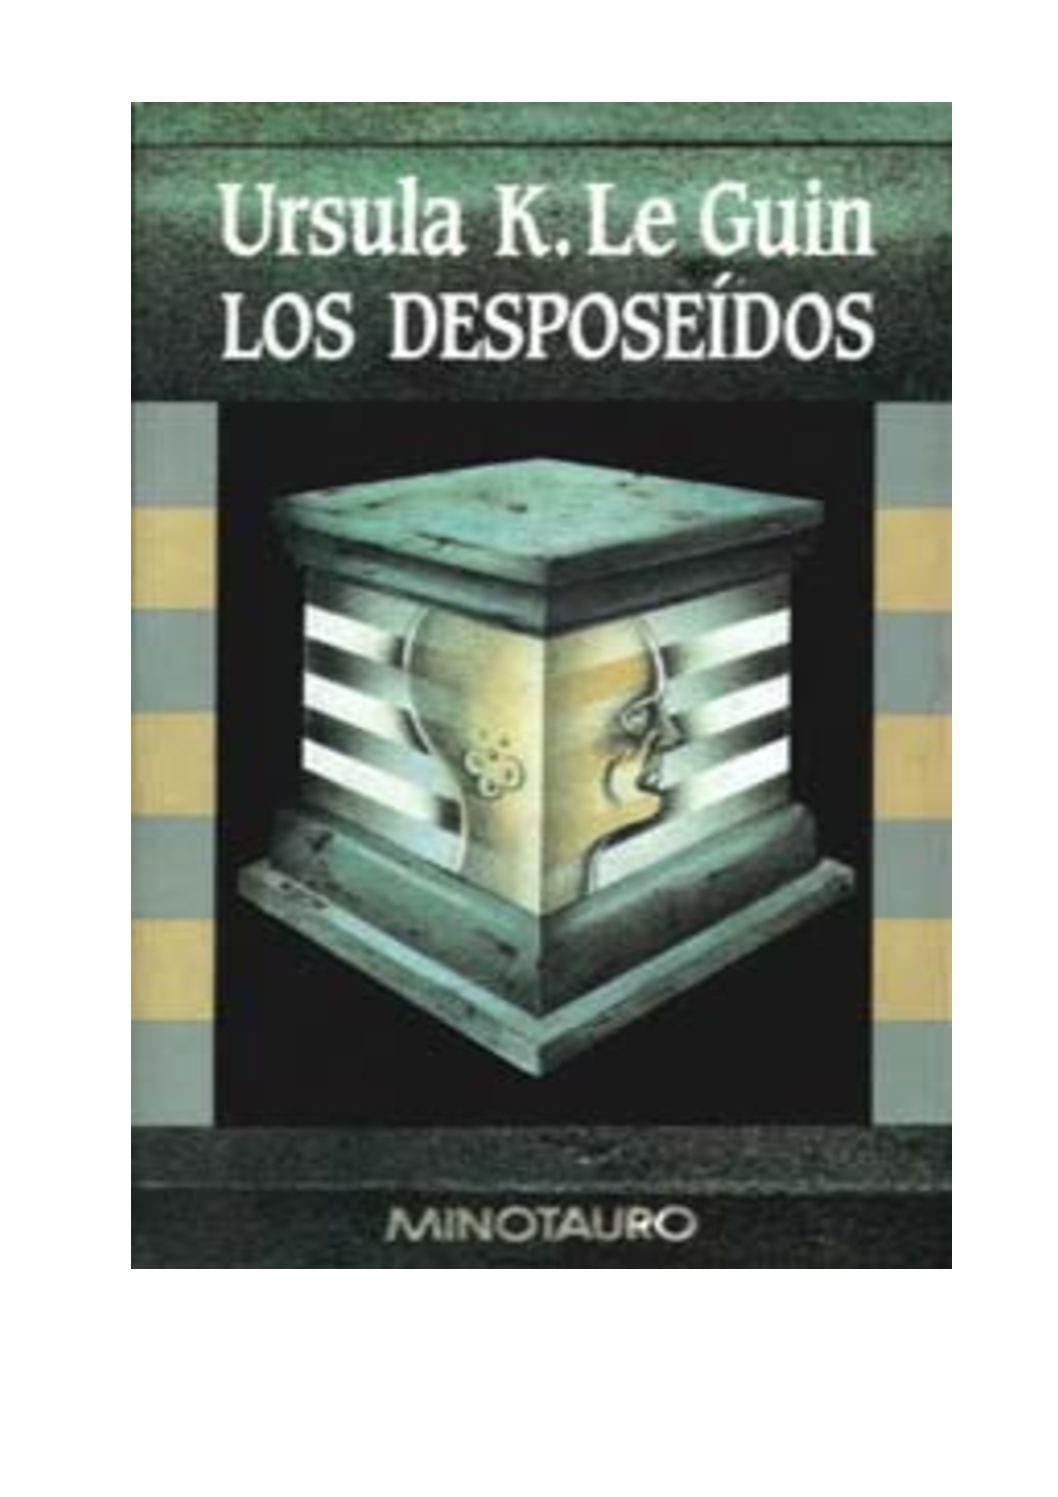 Calaméo - Los desposeidos (Ursula K. Le Guin)